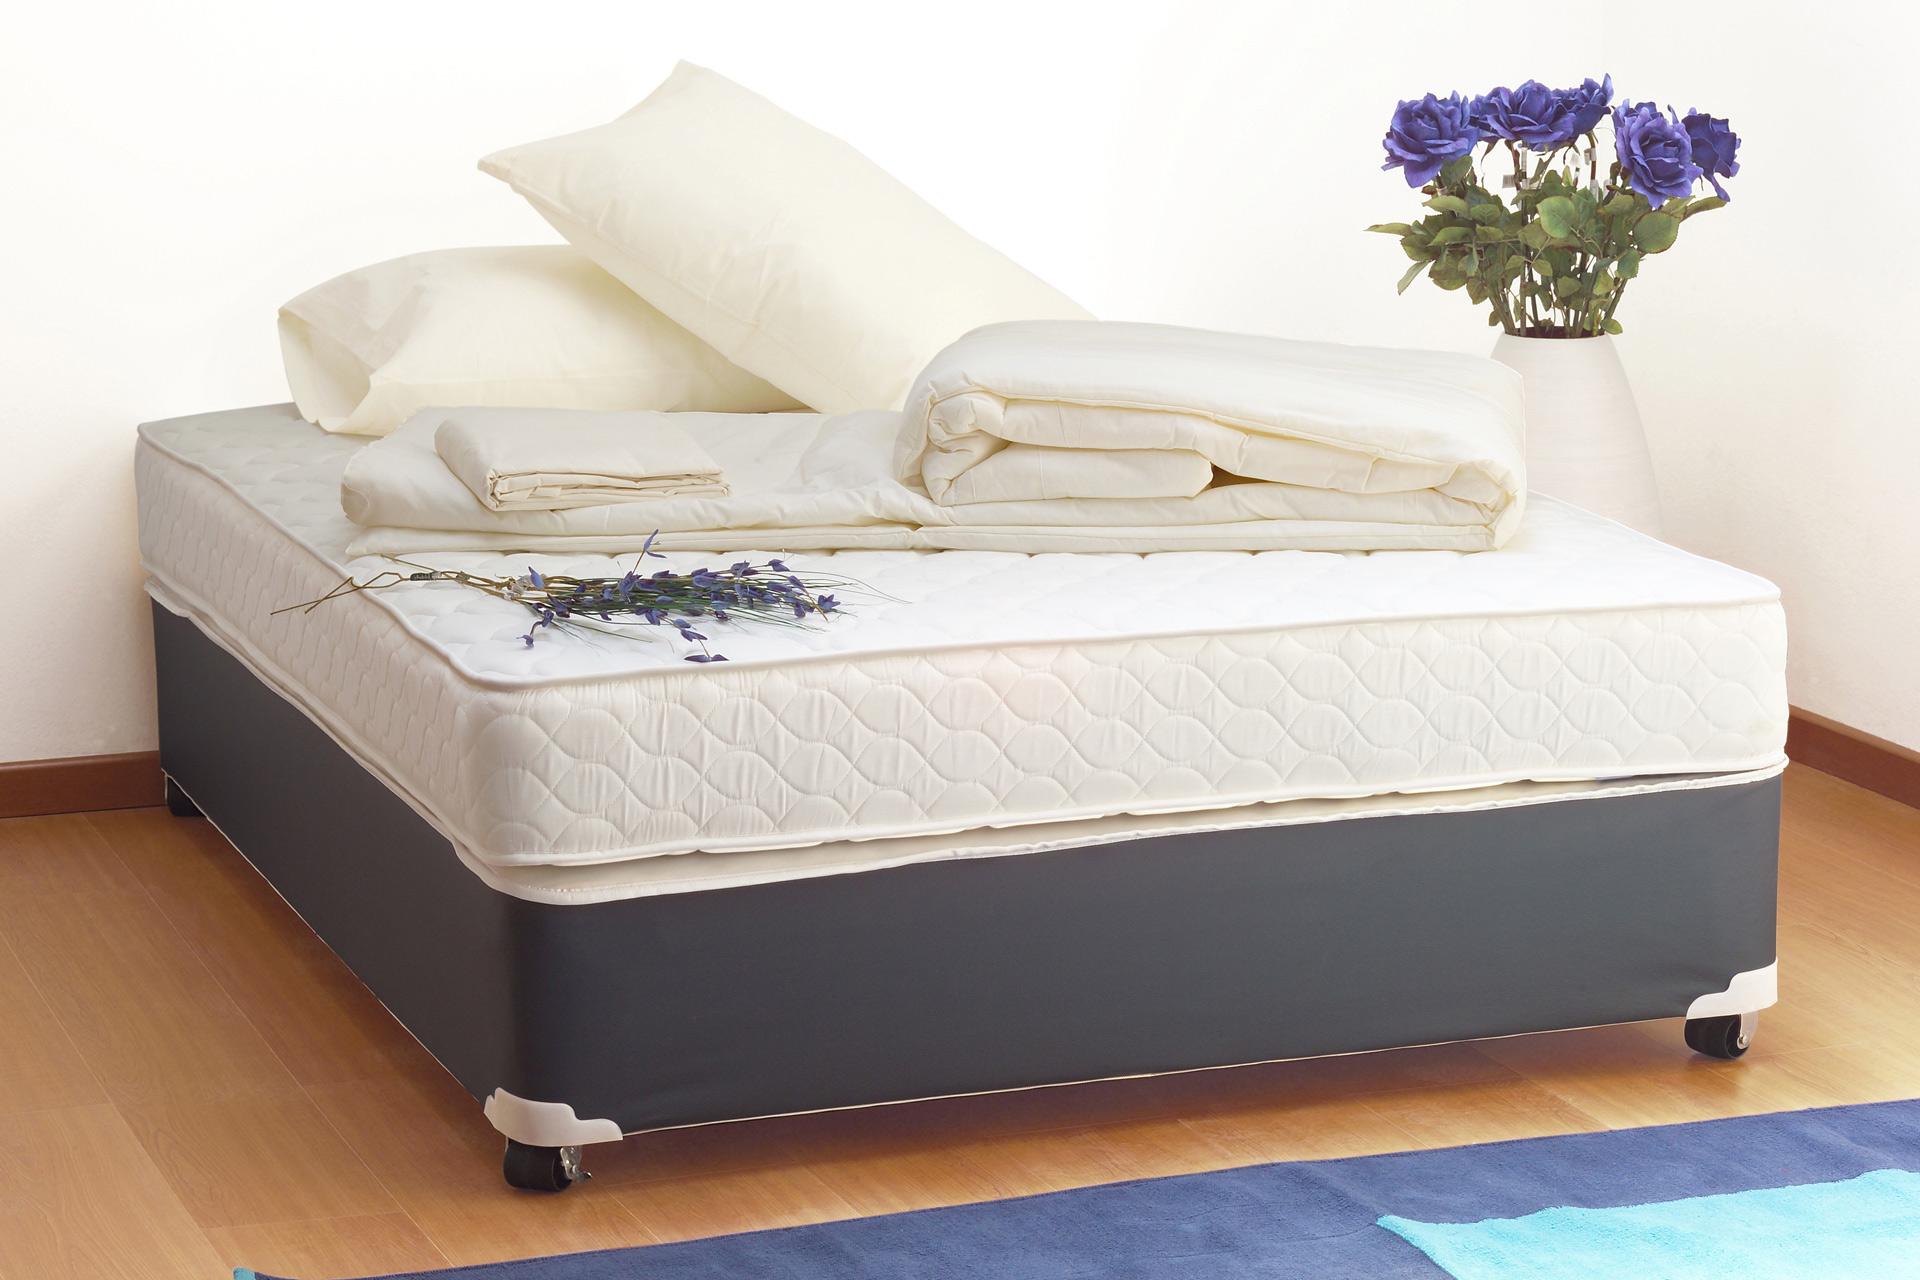 verschiedene arten von matratzen f r hohe qualit t schlaf atc. Black Bedroom Furniture Sets. Home Design Ideas